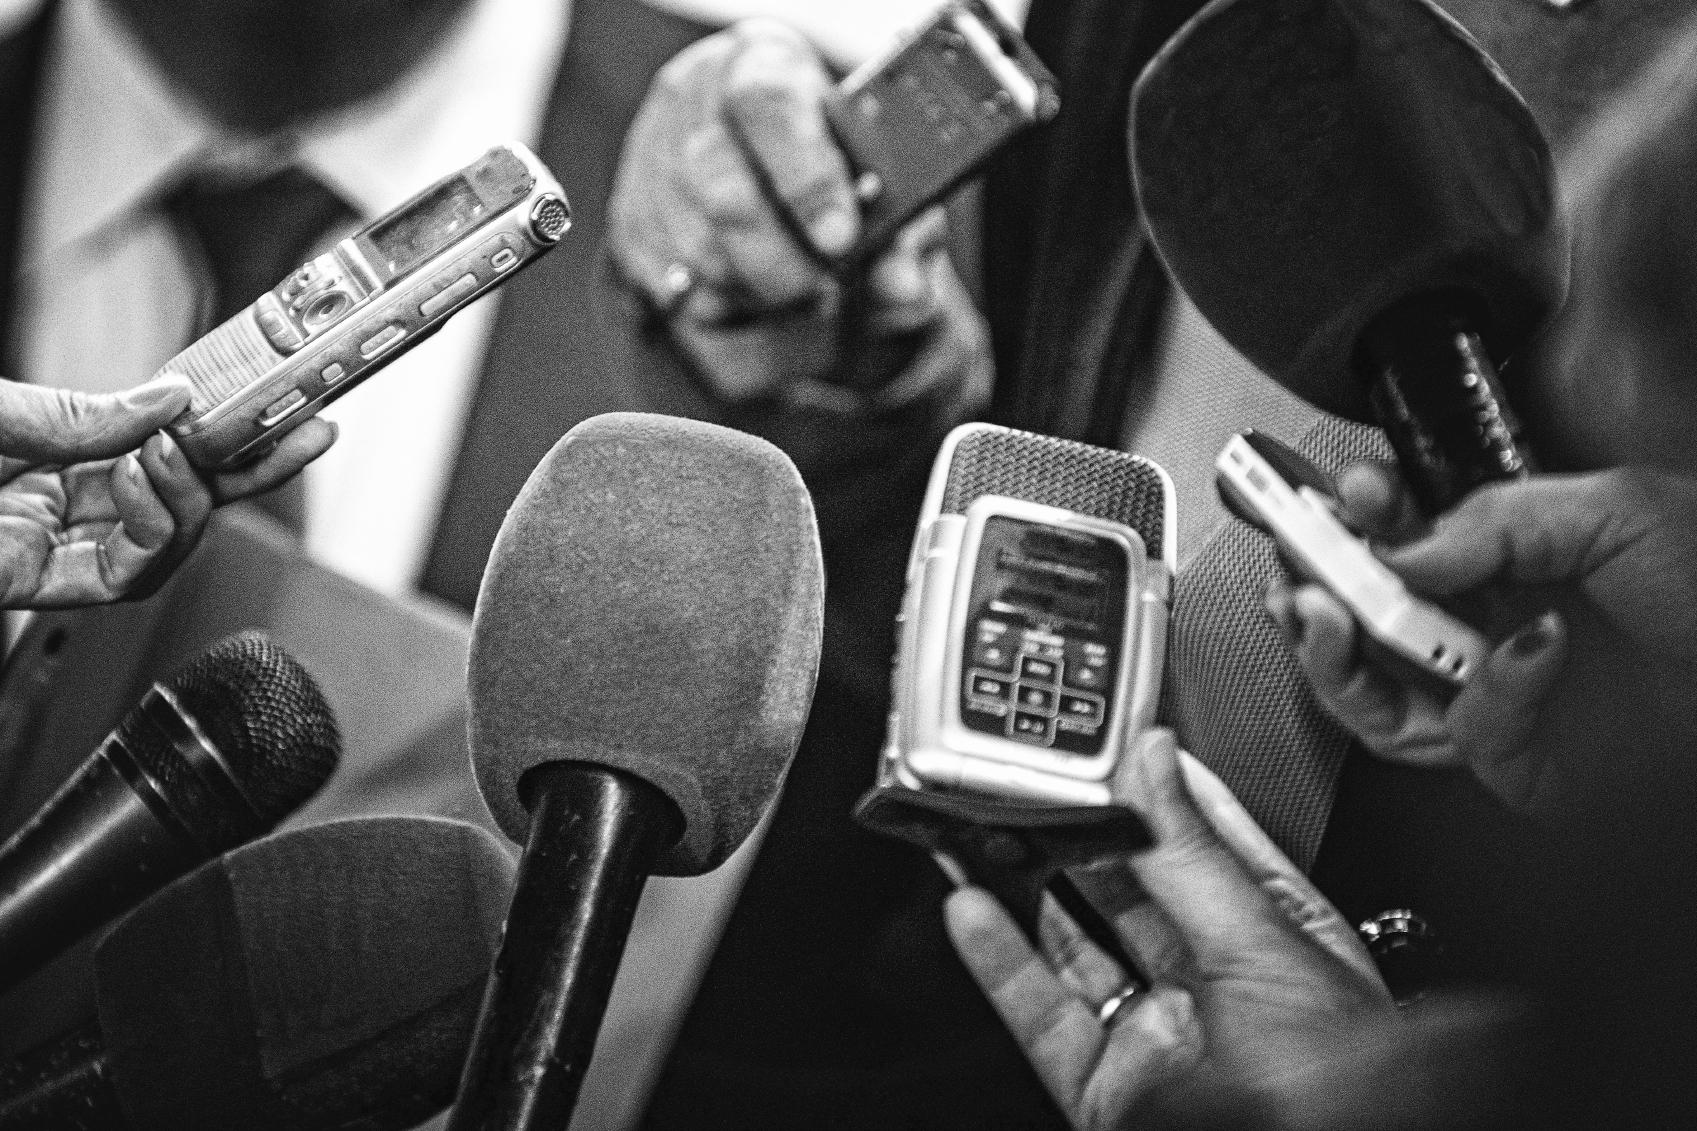 Сэтгүүлчдийн эсрэг гэмт үйлдэл